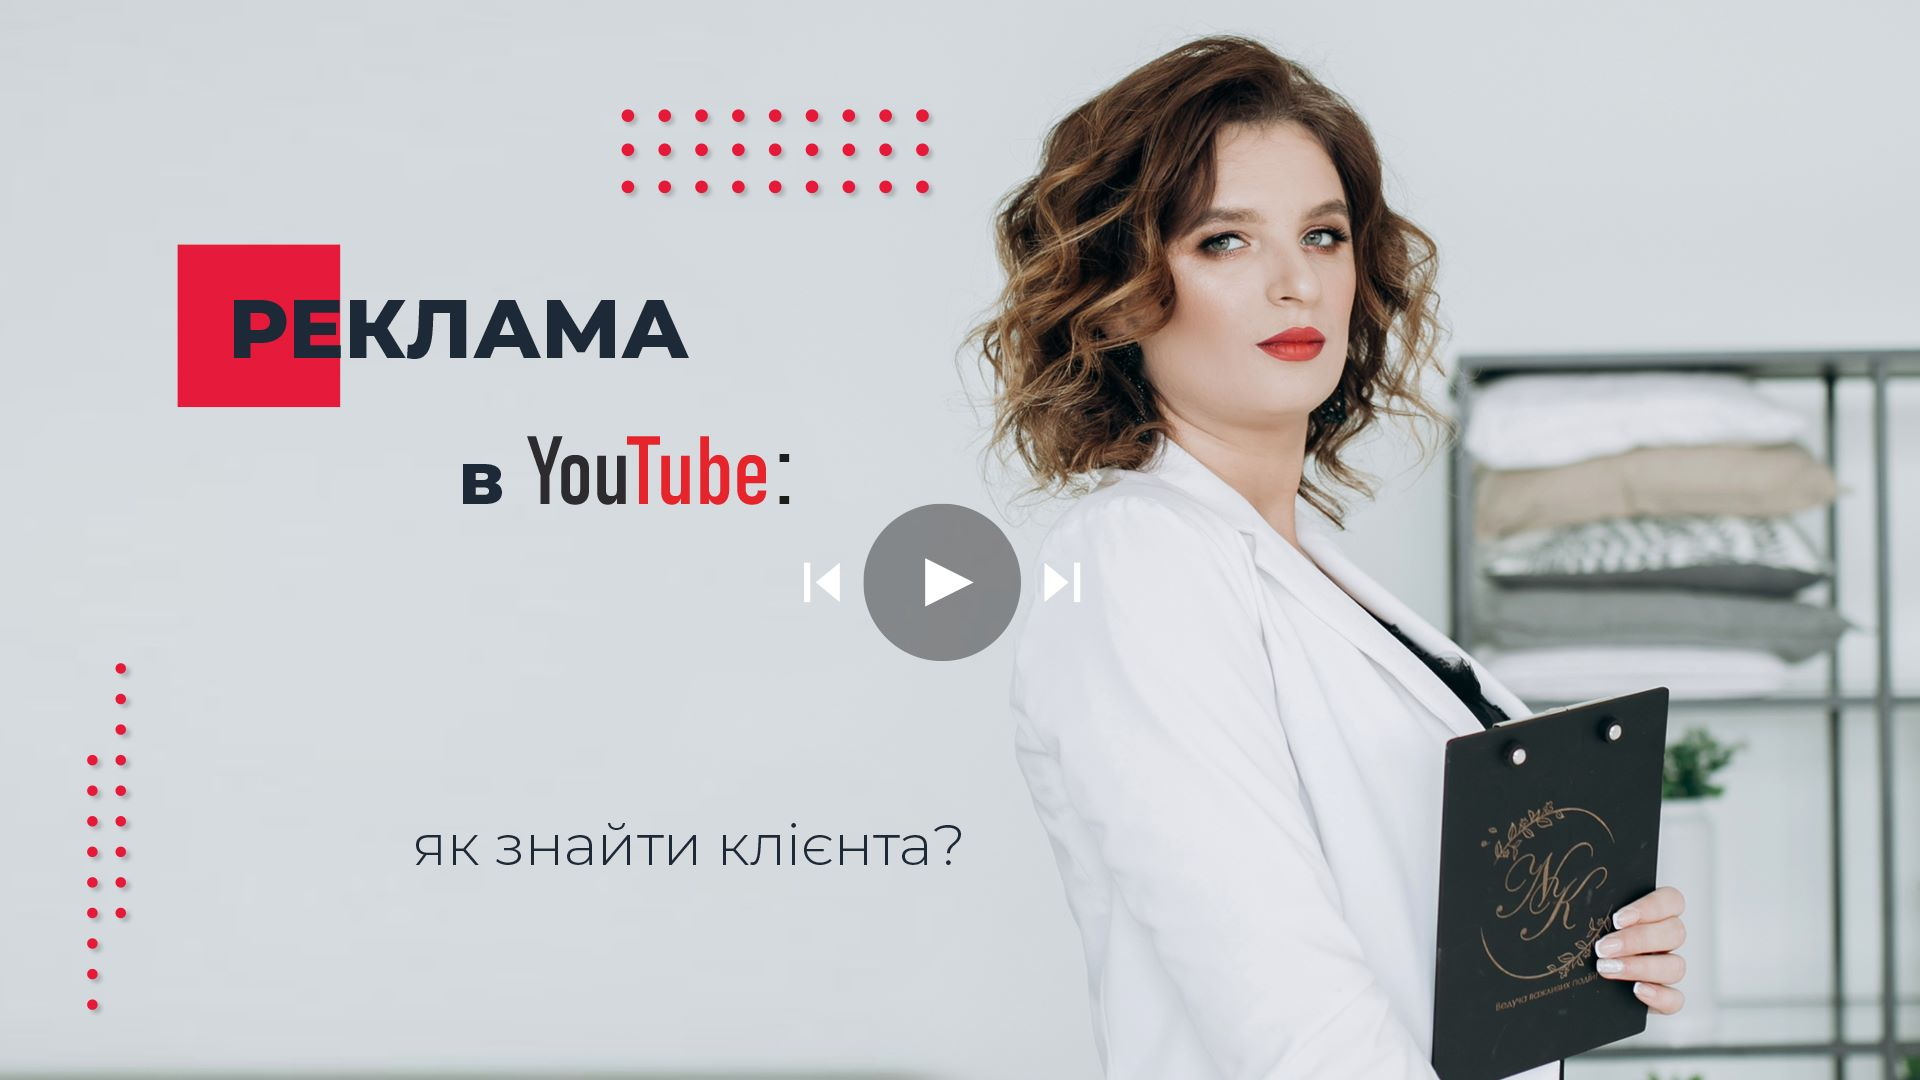 Реклама в Youtube: як знайти клієнта? Практичний семінар